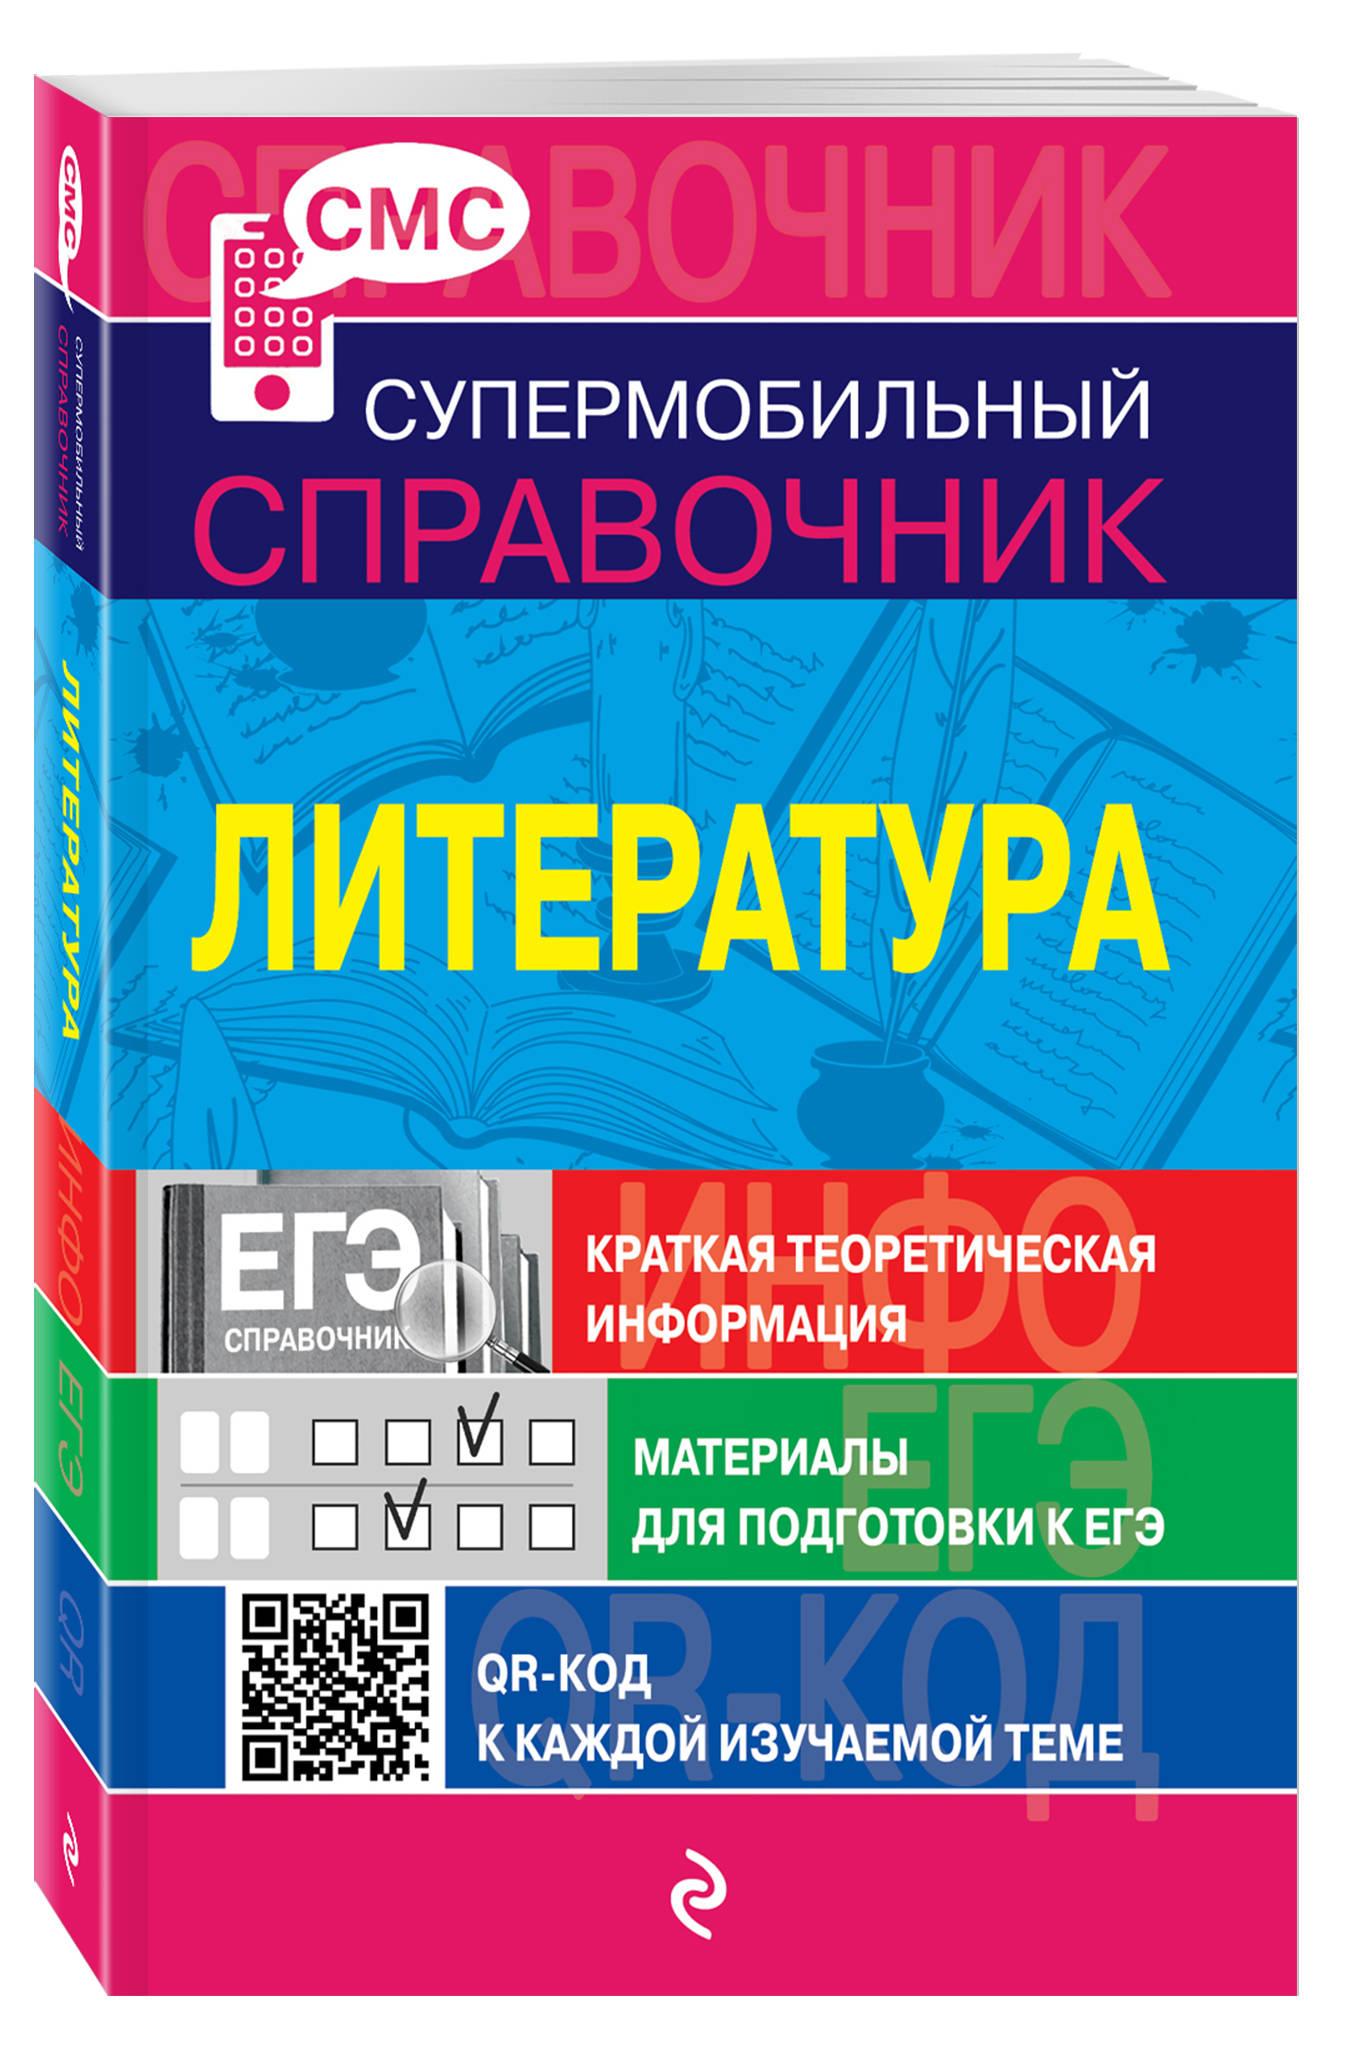 Скубачевская Л.А. Литература (СМС)